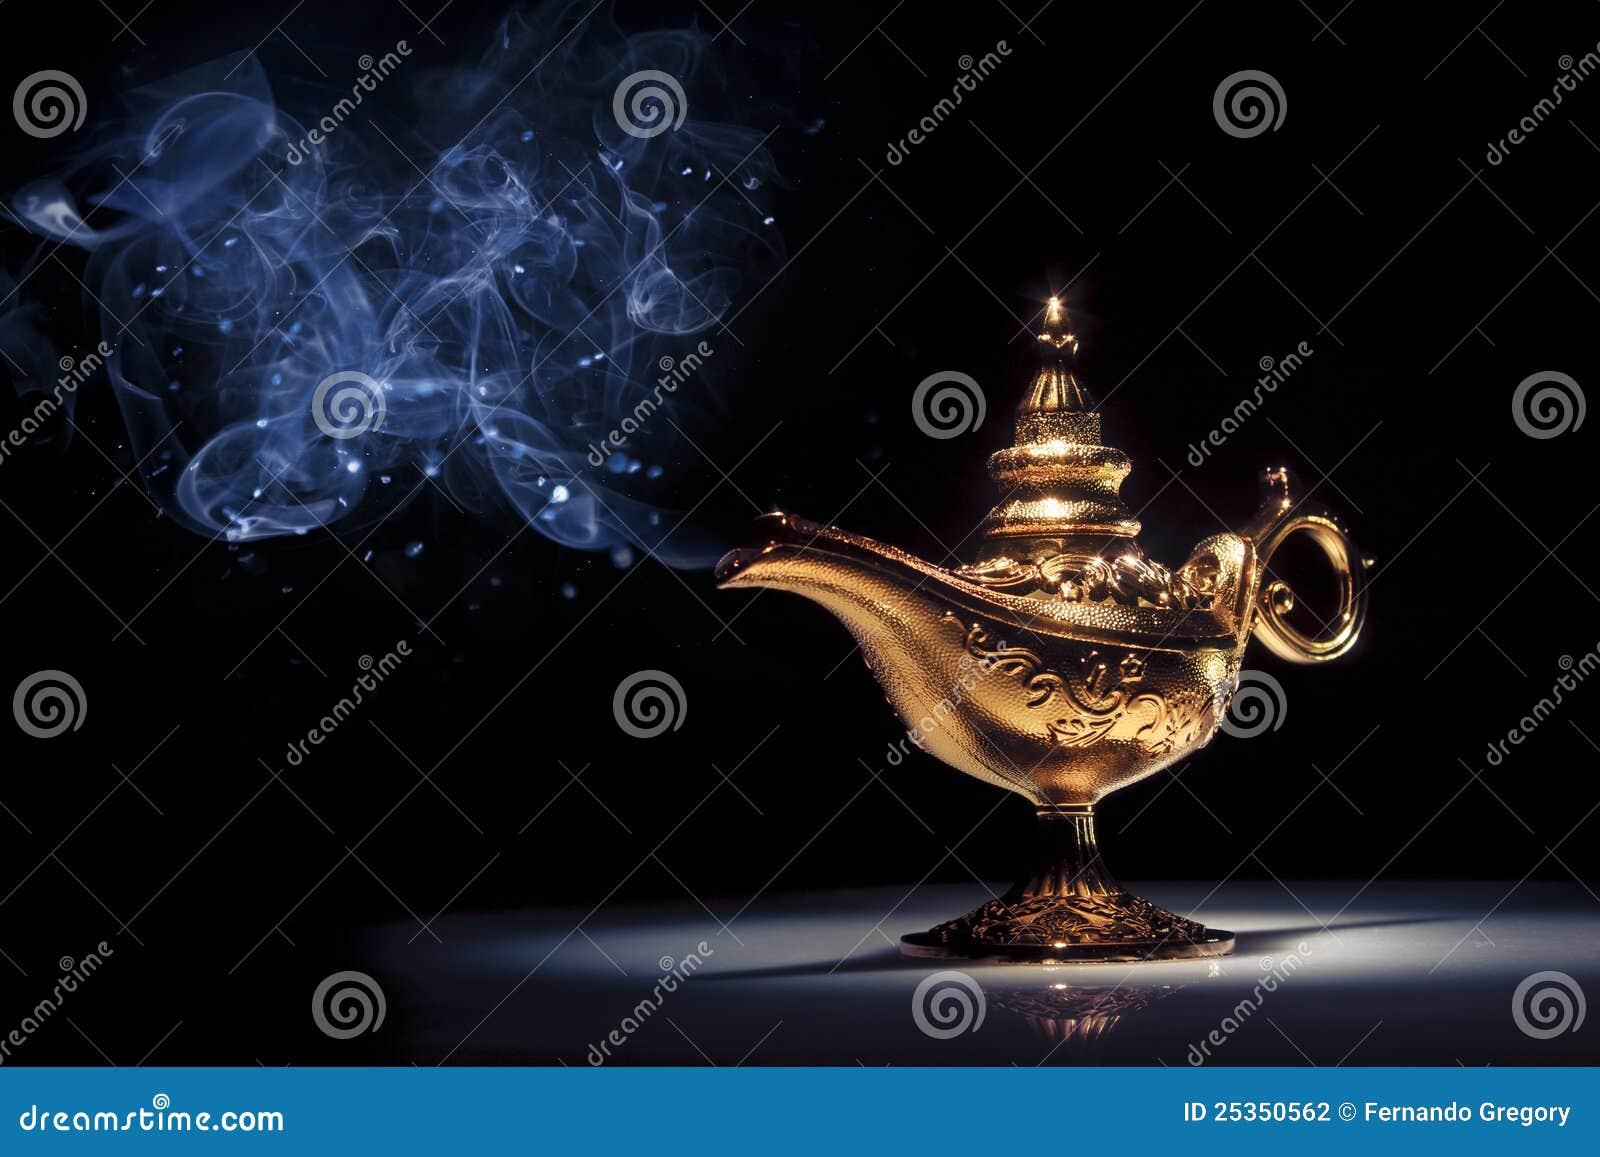 Lampe Du Genie D Aladdin Magique Sur Le Noir Avec De La Fumee Photo